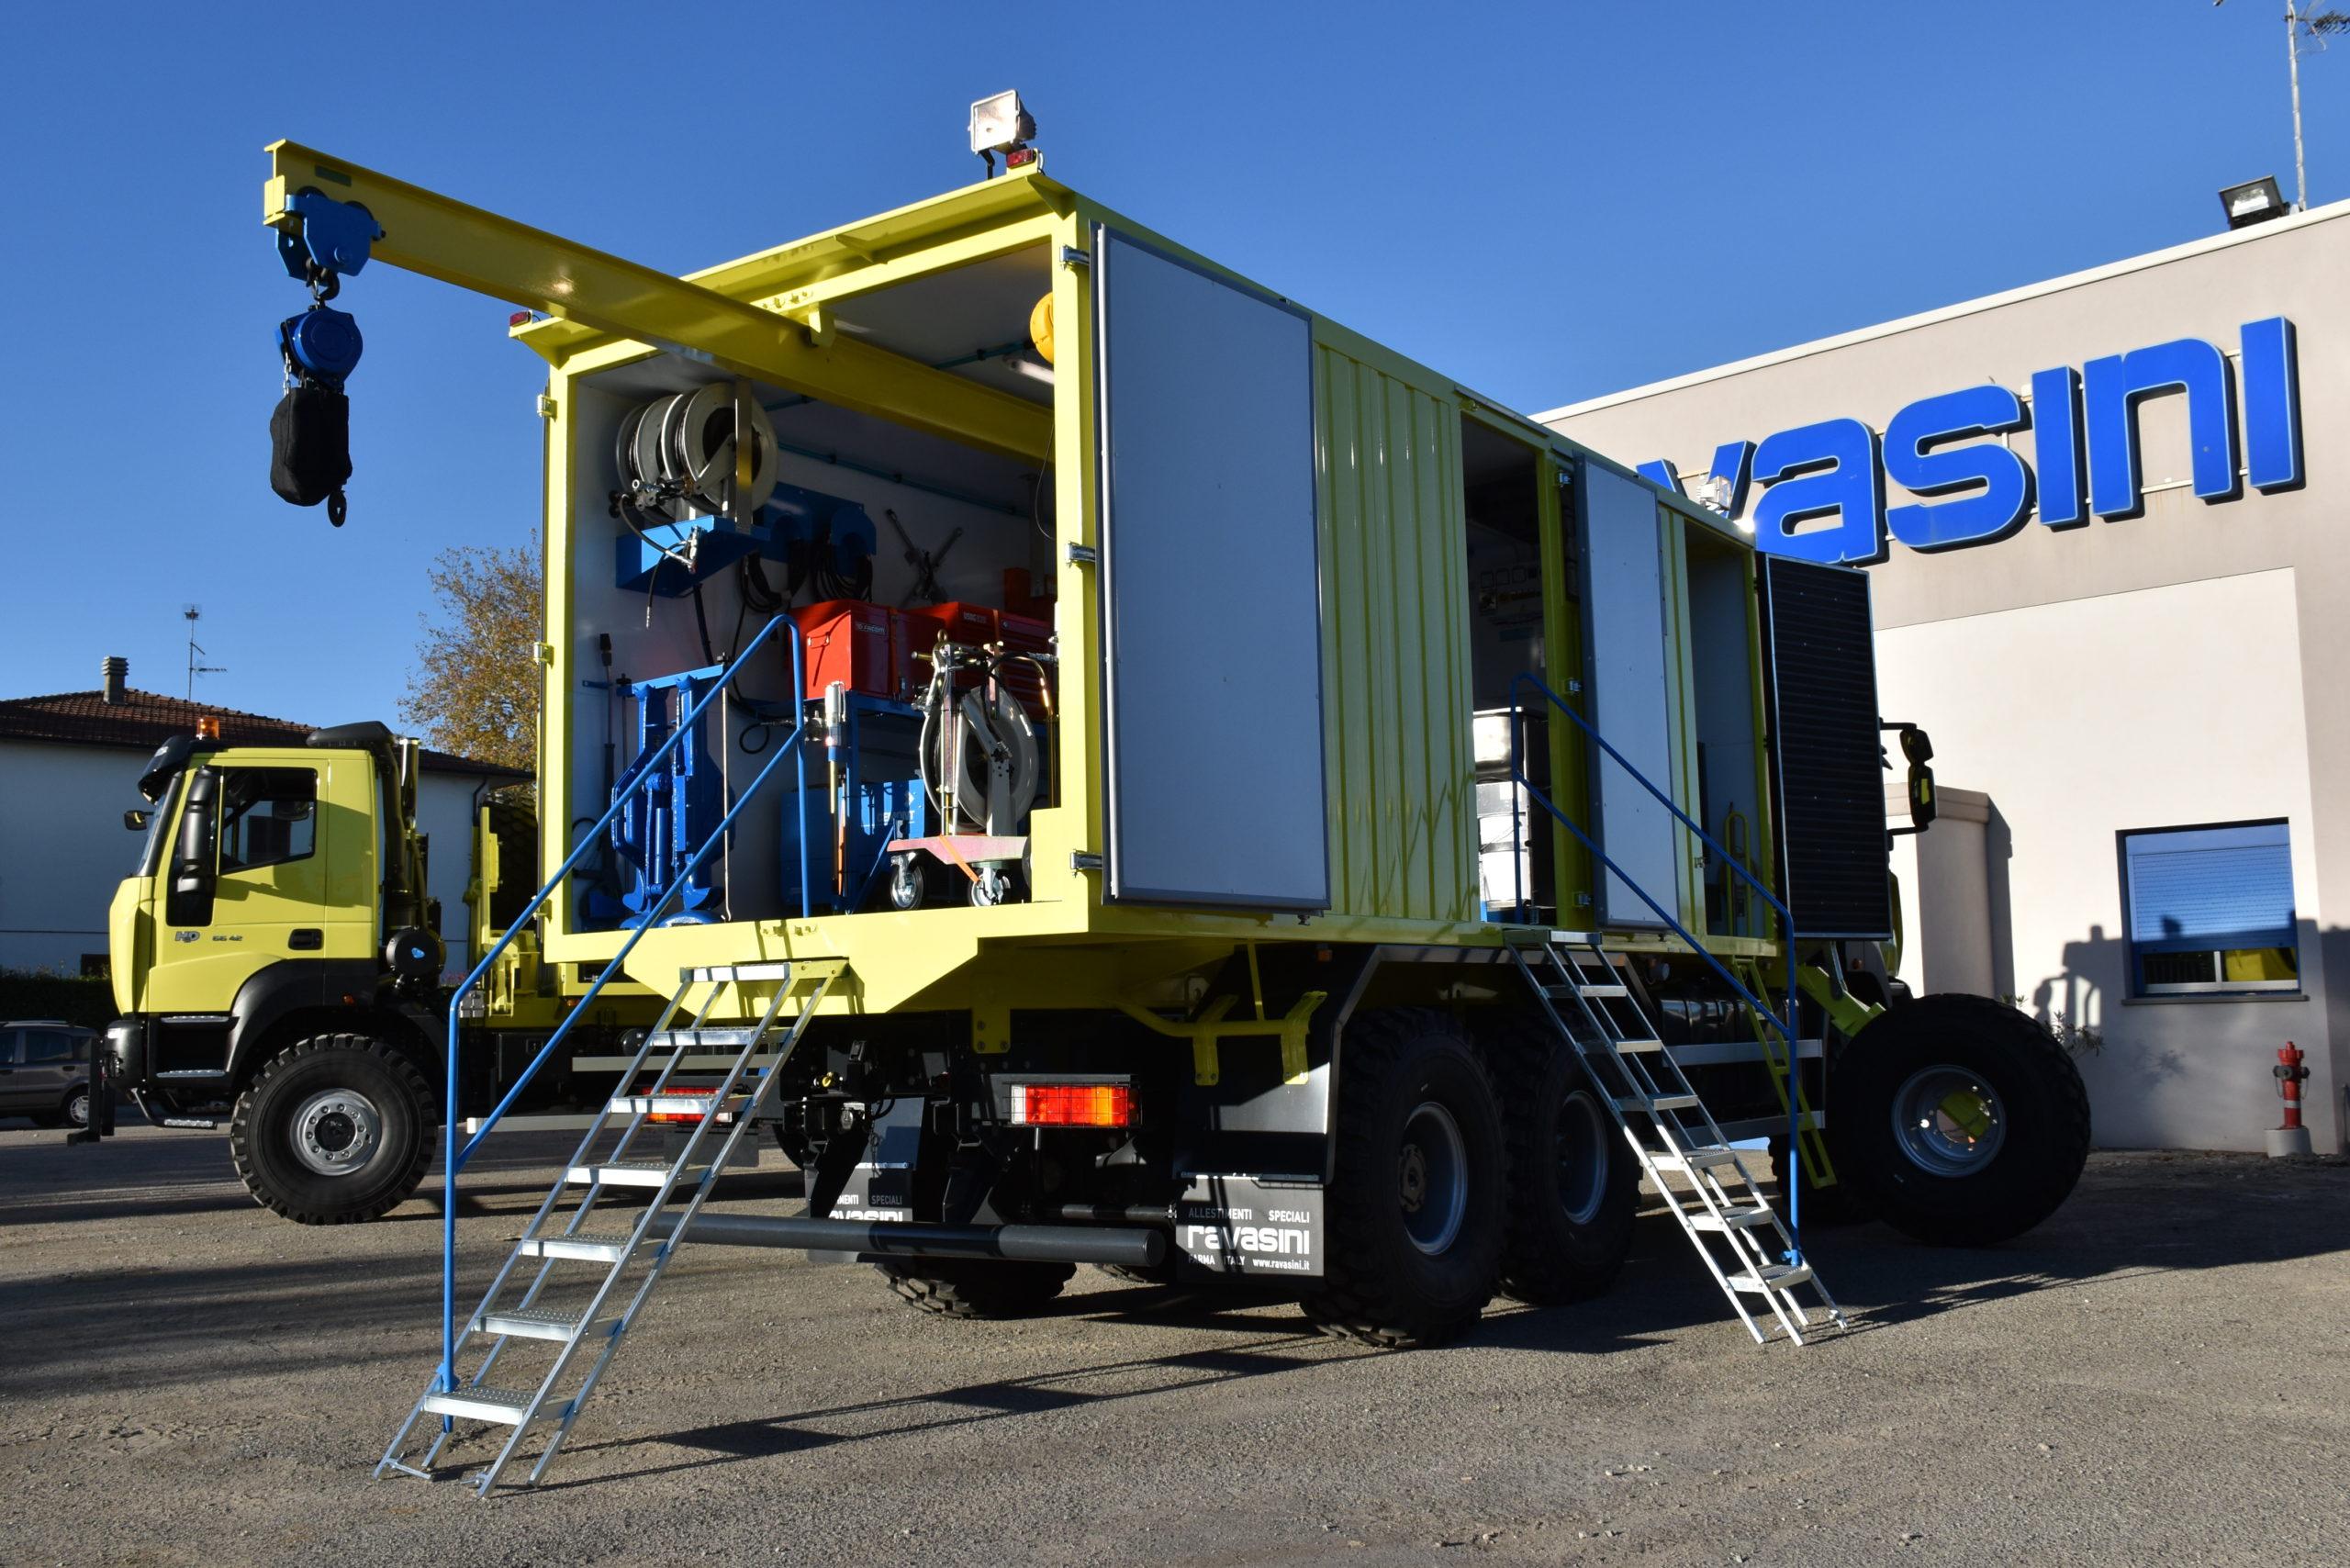 mobile_workshop_on_truck